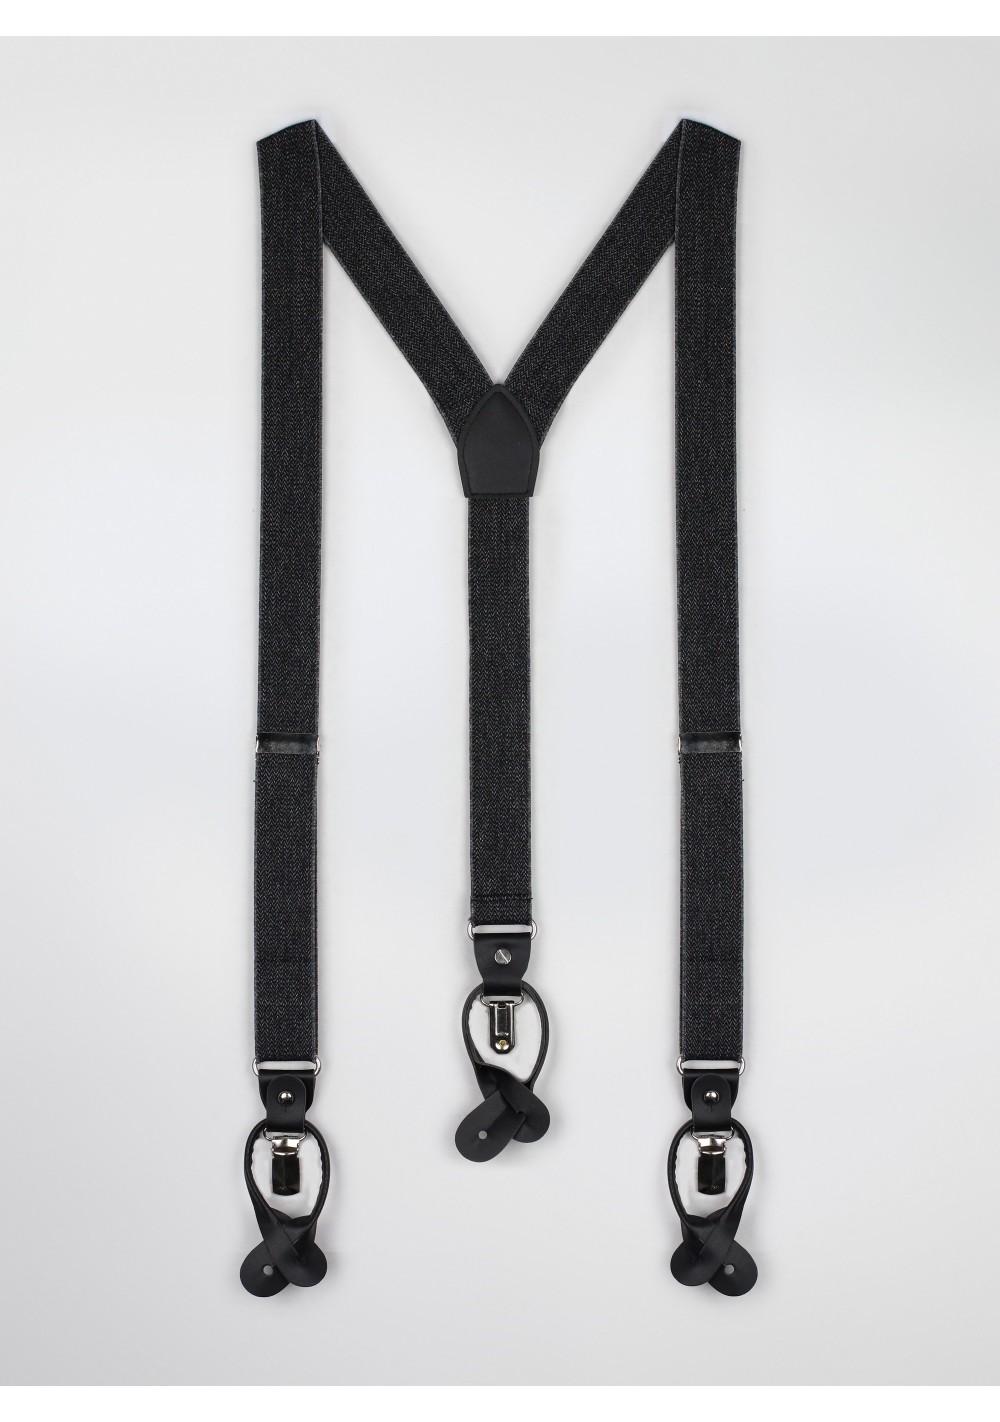 smoke charcoal gray elastic band suspenders